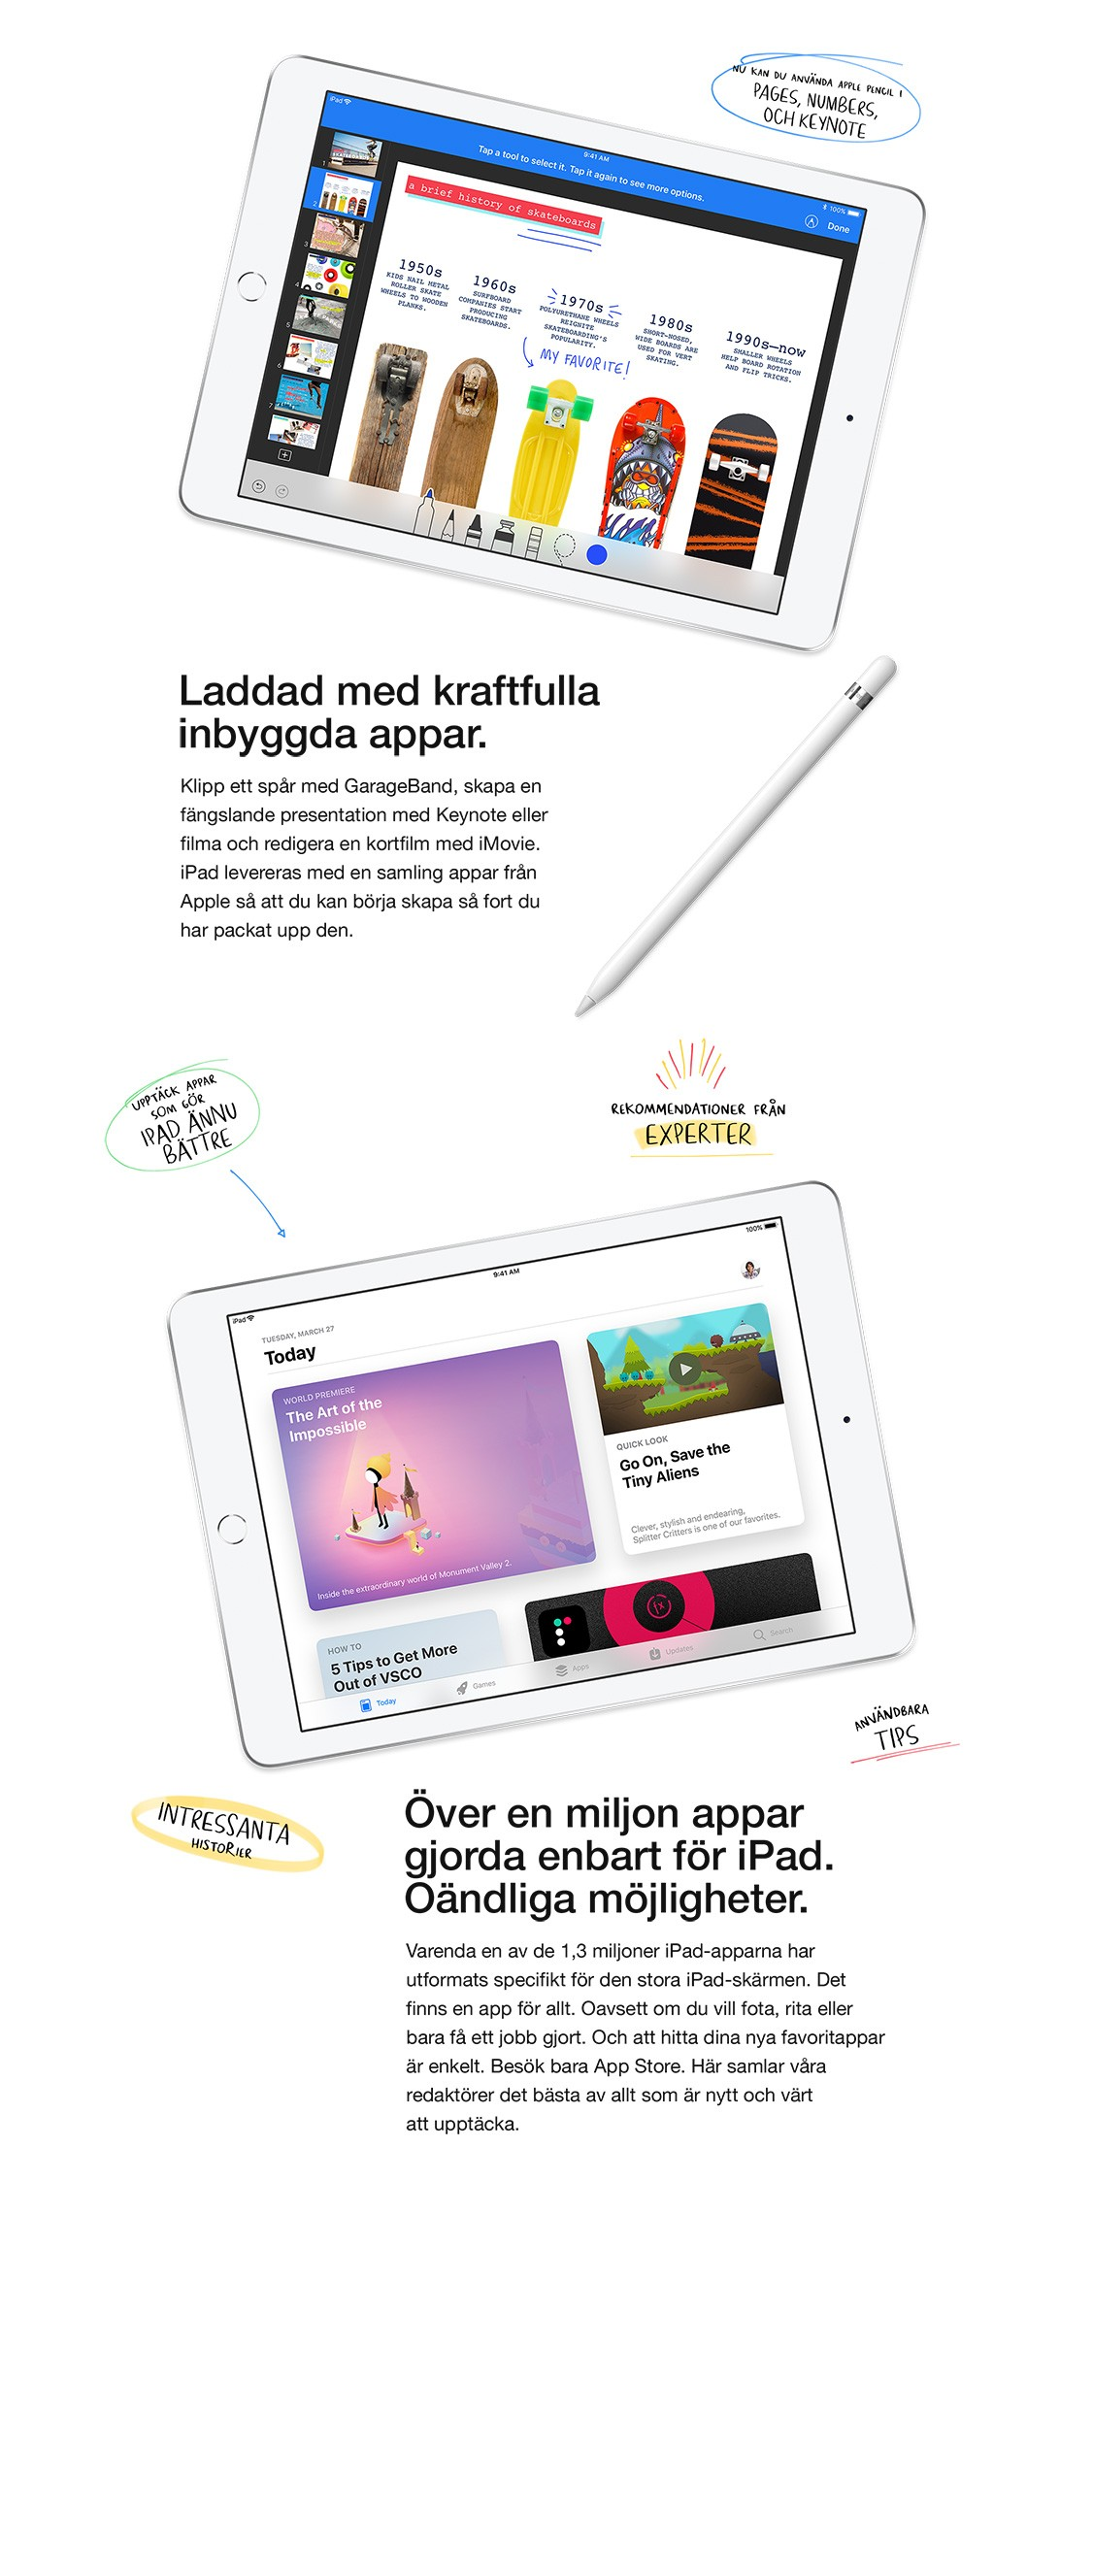 Det finns över en miljon tillgänliga appar som är gjorda enbart för iPad